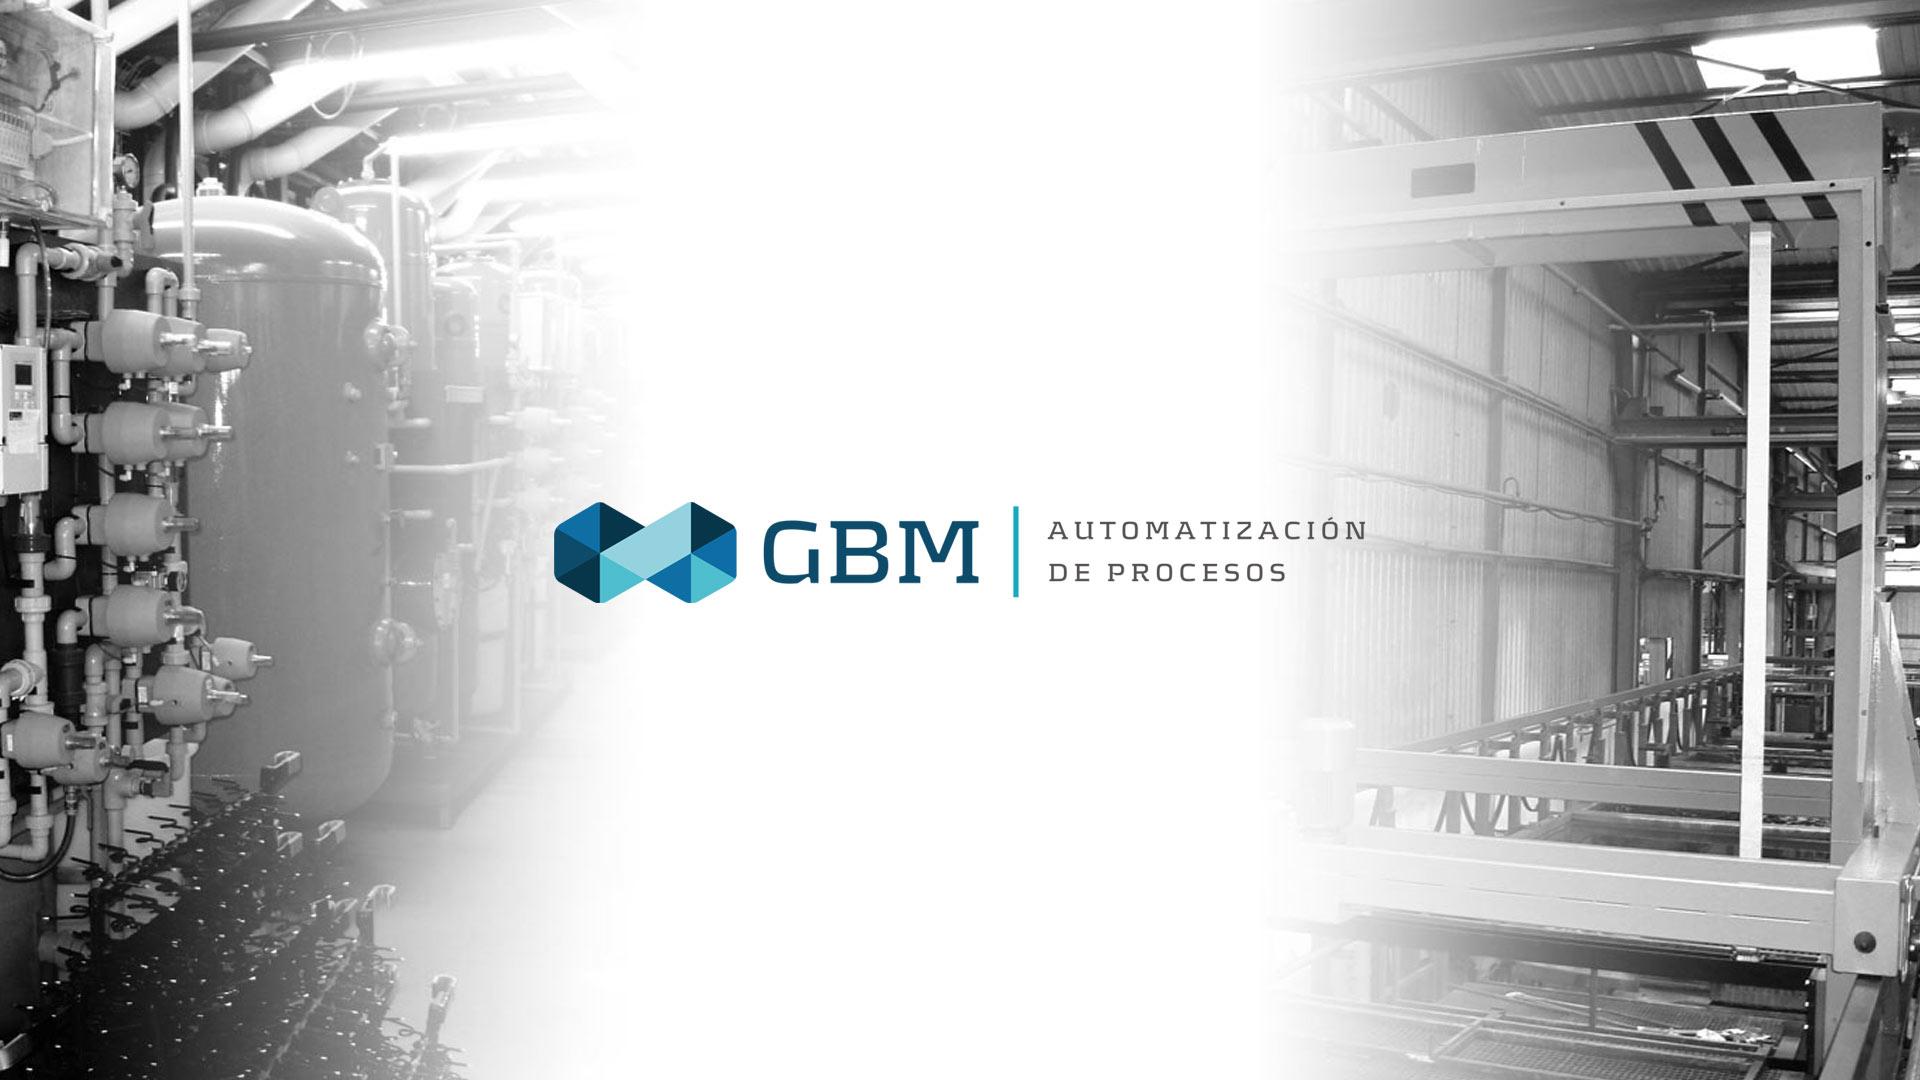 GBM fondo sección sectores con logo